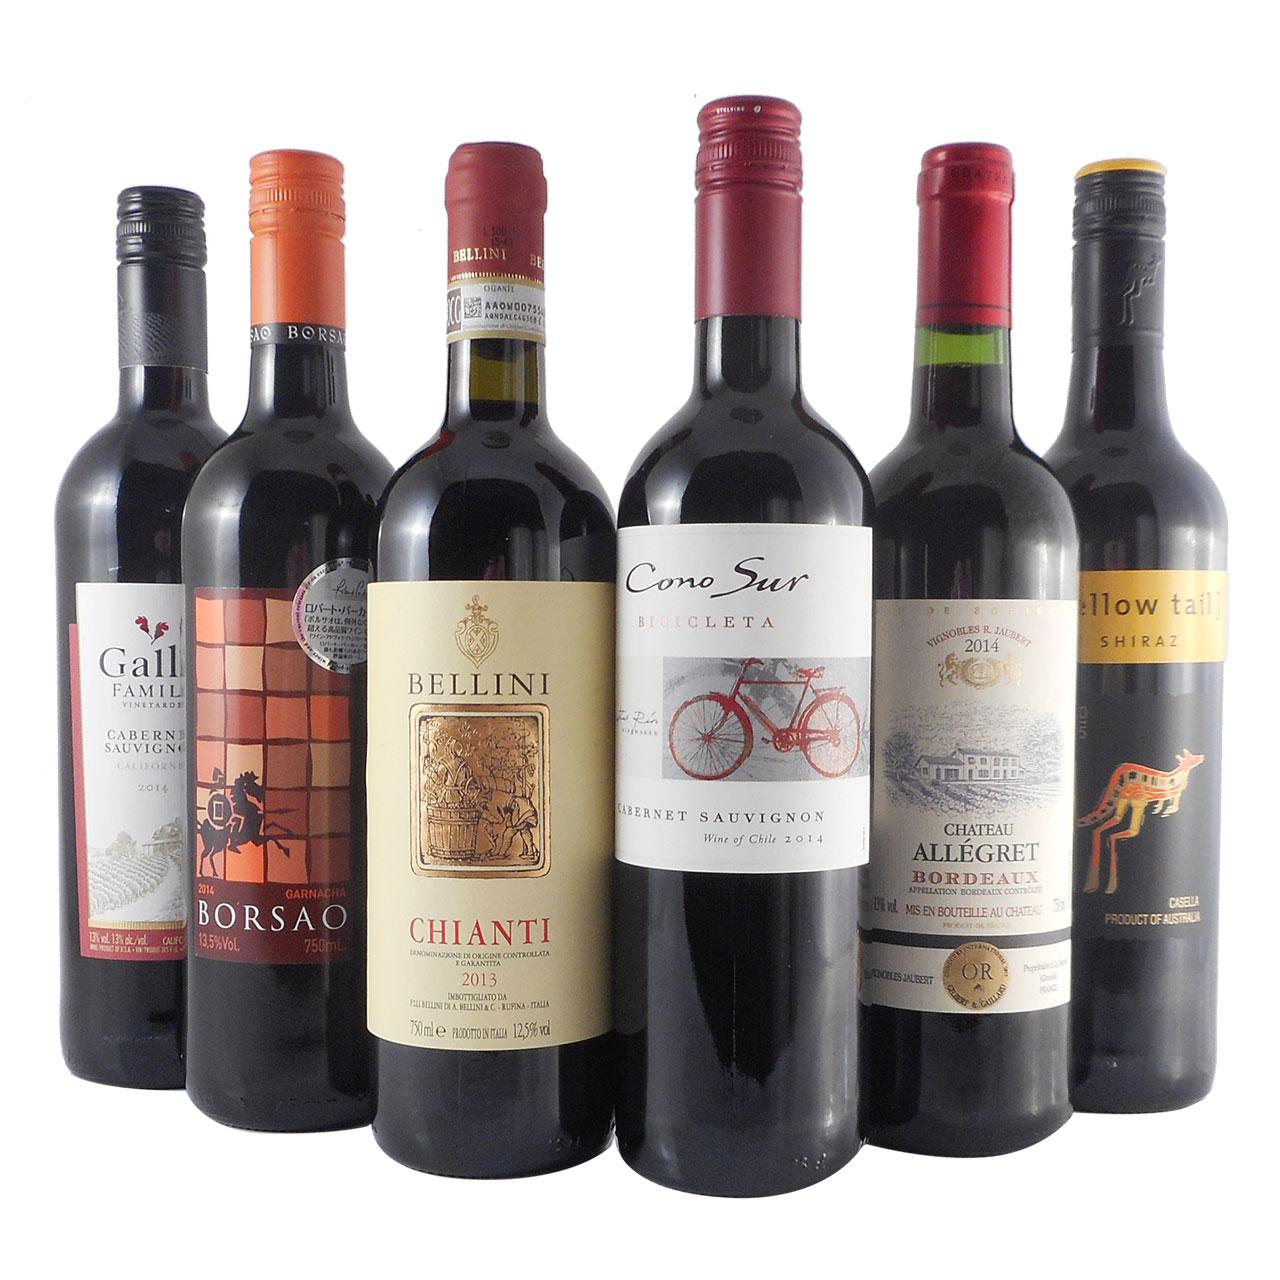 【ラッキーシール対応】母の日 ギフト ワインセット 世界の赤ワイン 美味しいセレクション 6本 赤ワイン ワイン フランス イタリア スペイン アメリカ チリ オーストラリア 送料無料 コンビニ受取対応商品